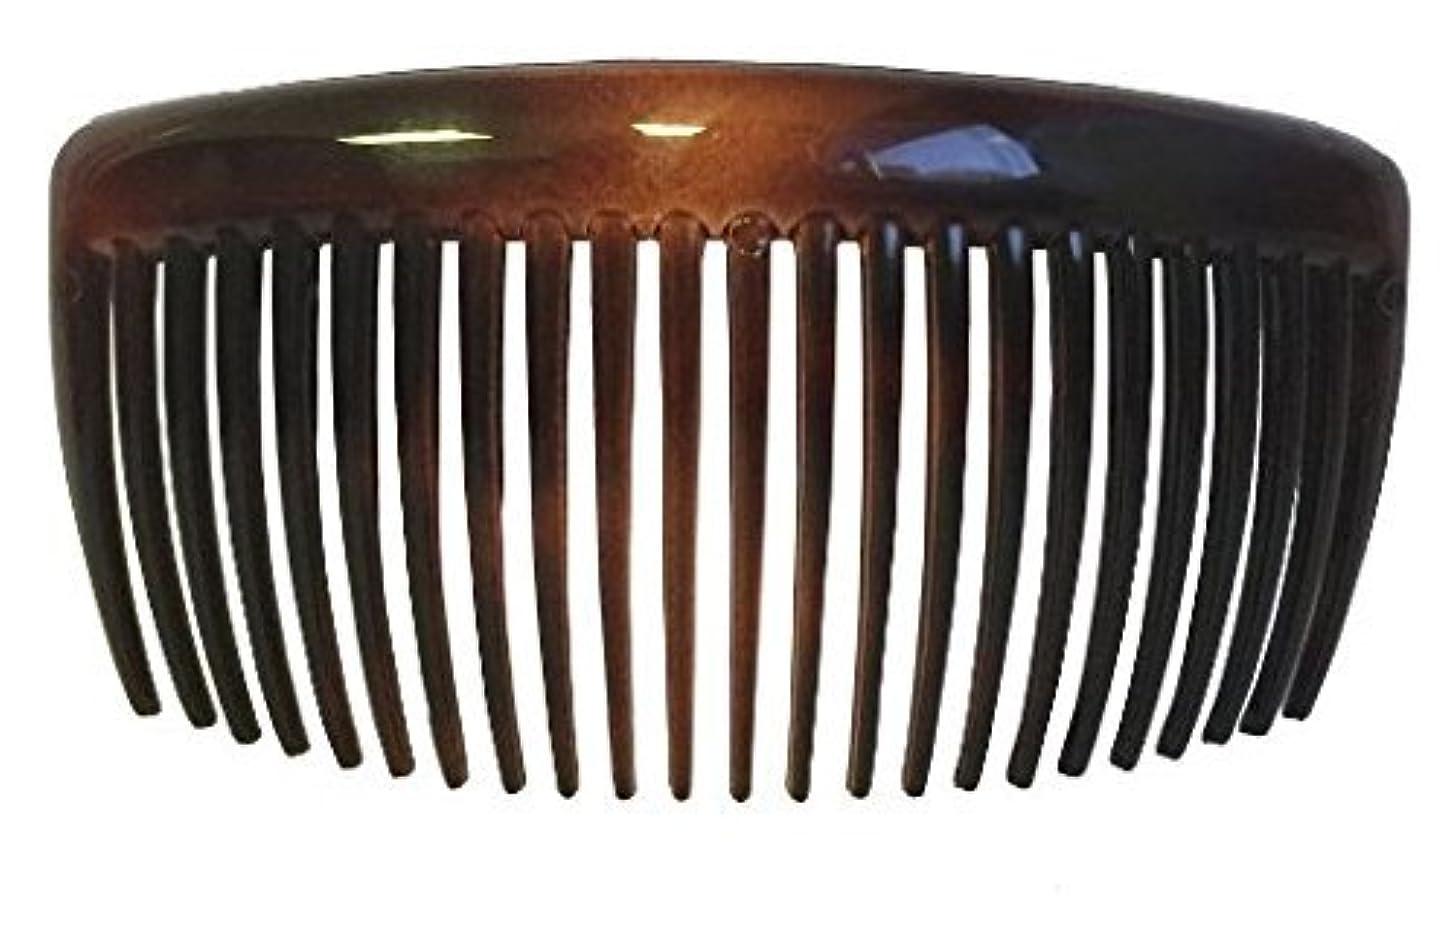 節約四半期オークランドParcelona French Large 2 Pieces Glossy Celluloid Shell Good Grip Updo 23 Teeth Hair Side Combs 4.25 Inches for...